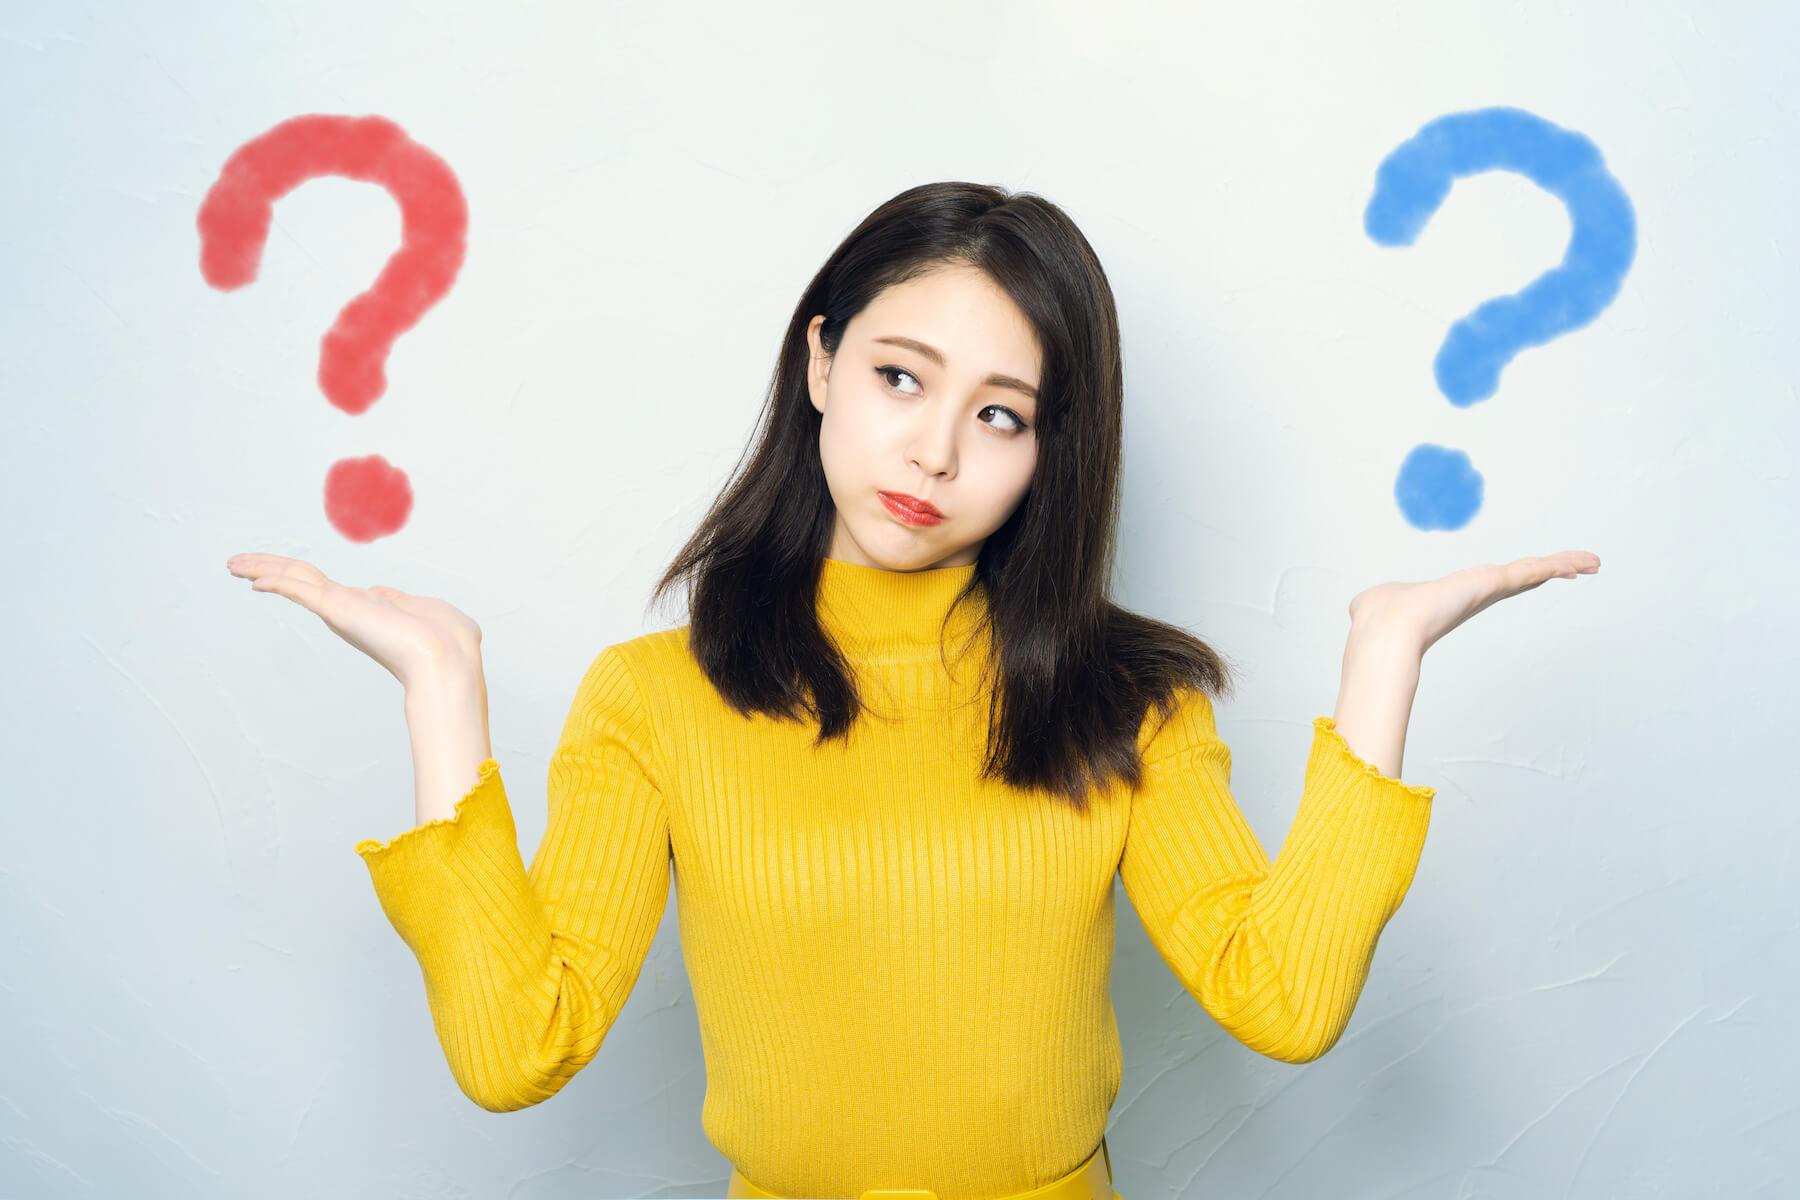 今どき住宅ローン事情 いくら借りる?どれだけ払える? マイホーム予算を決める3つの目安